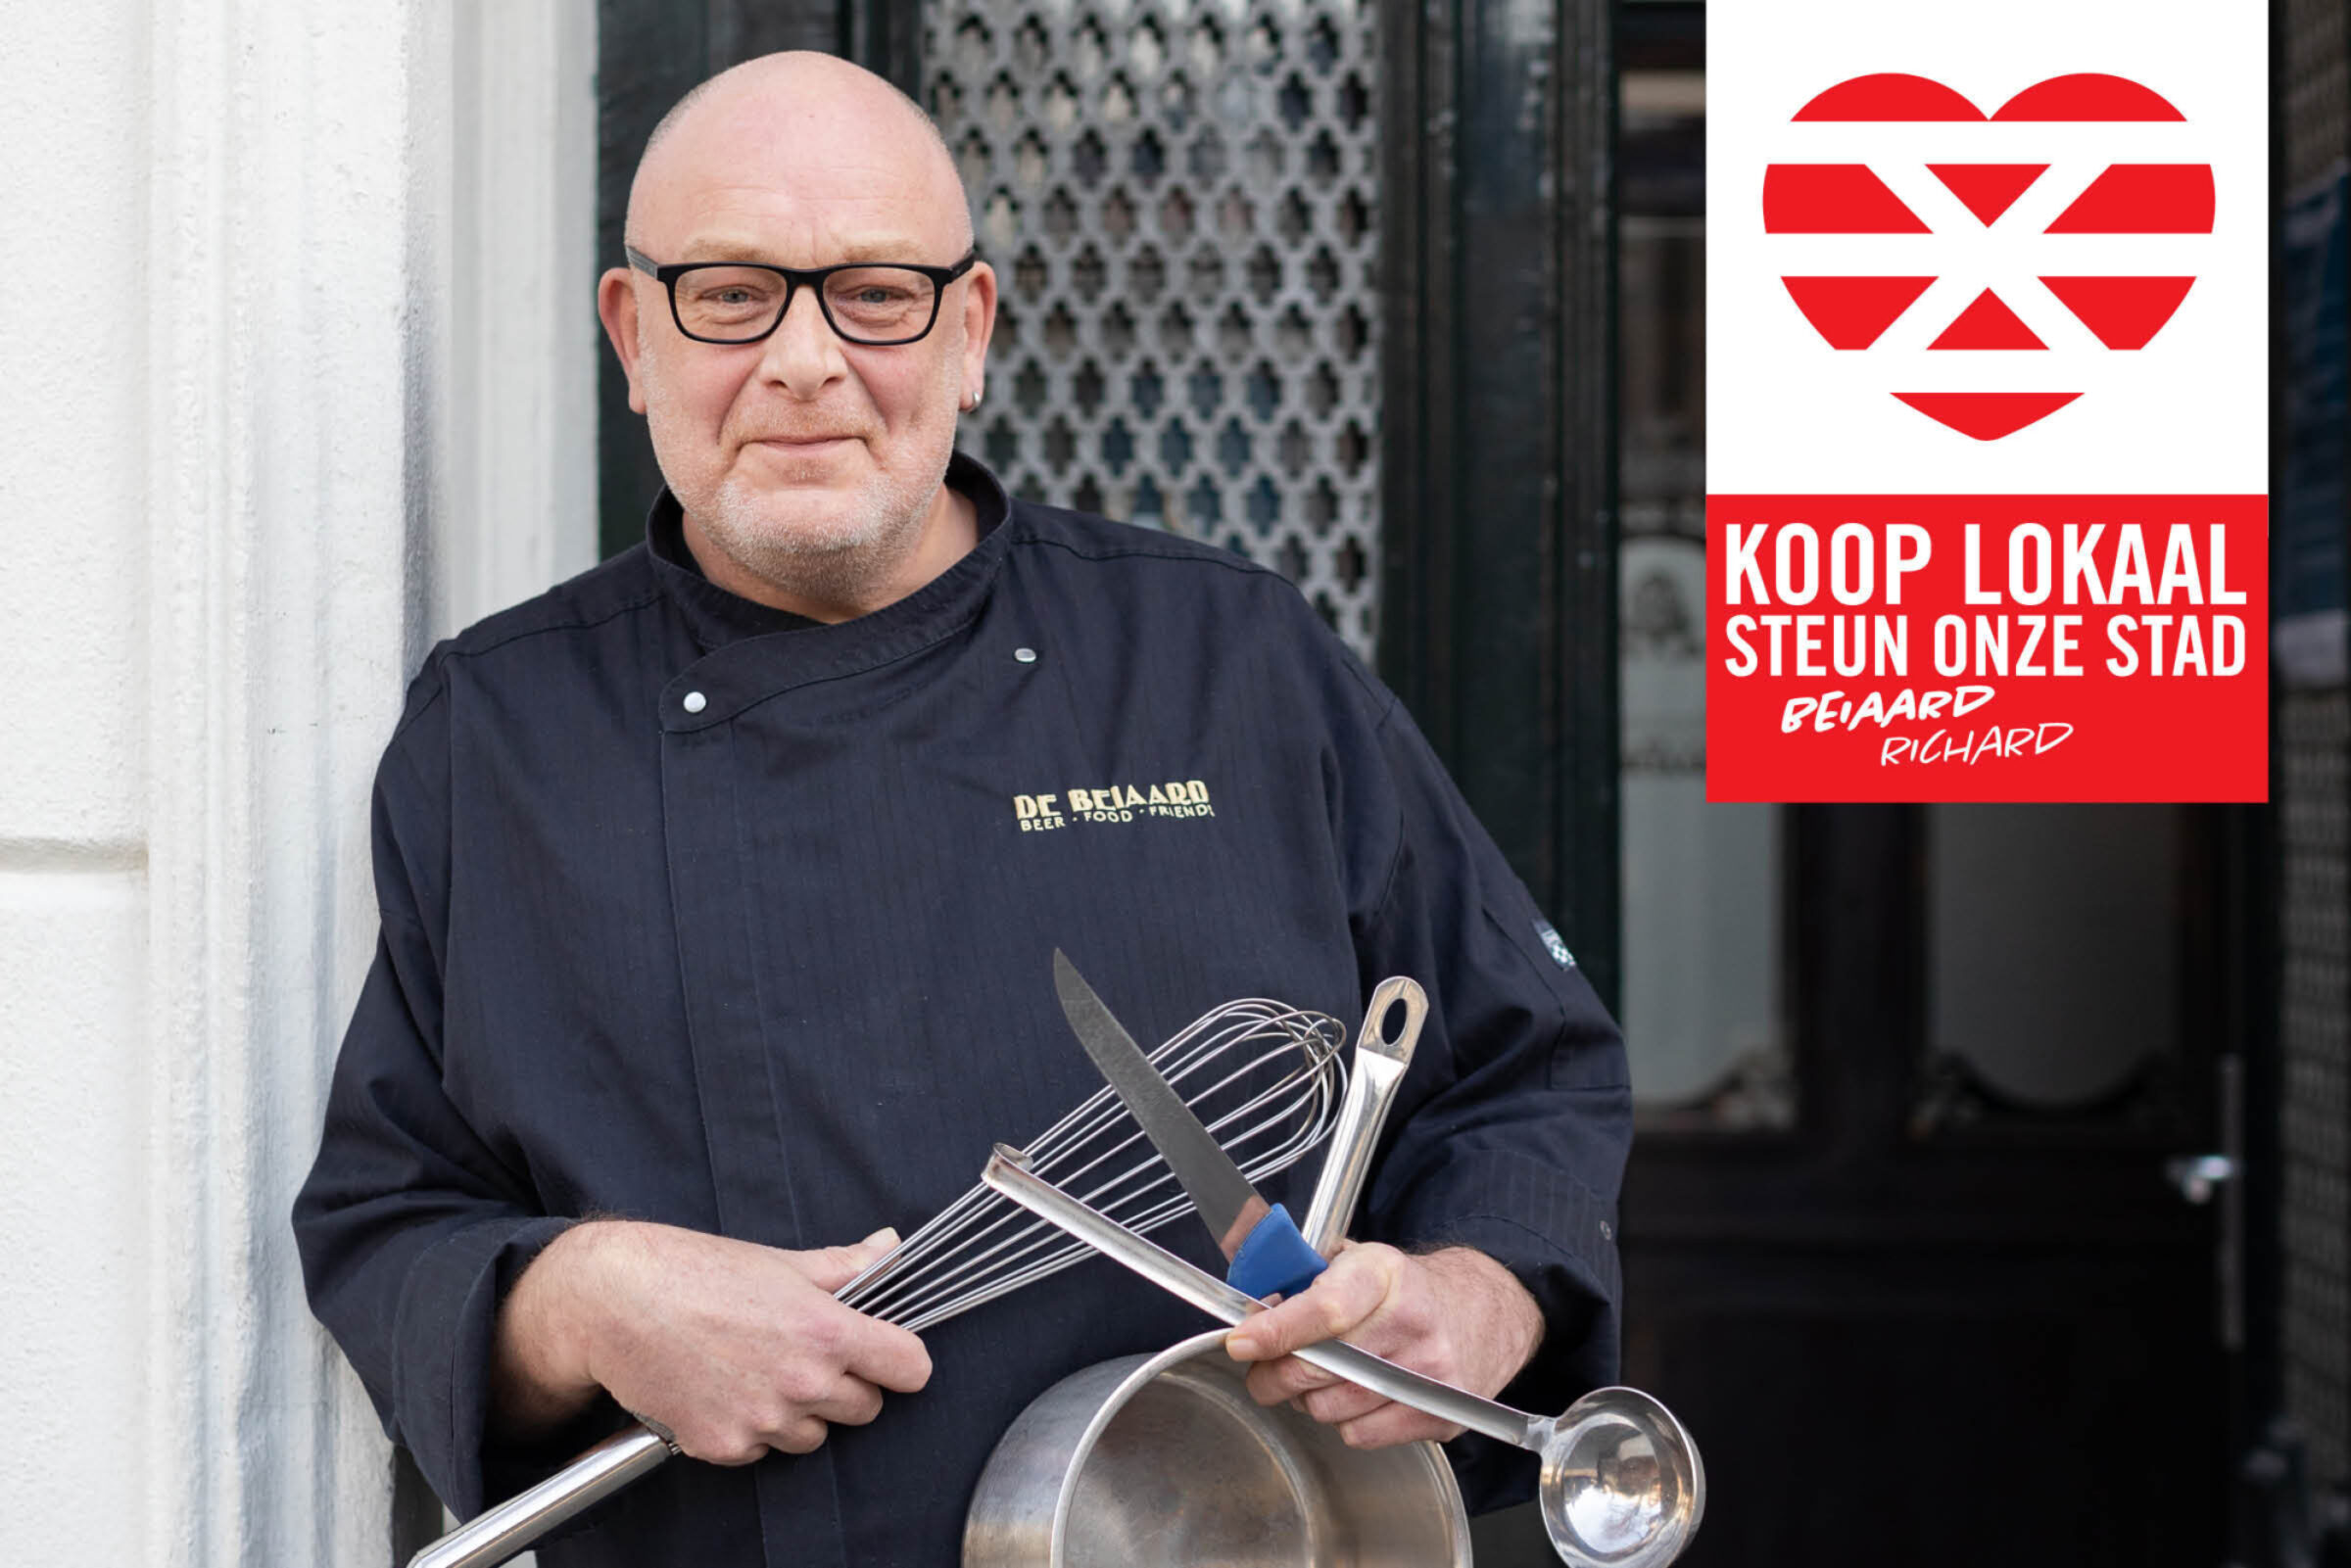 Steun onze stad Koop lokaal Enschede De Beiaard Richard